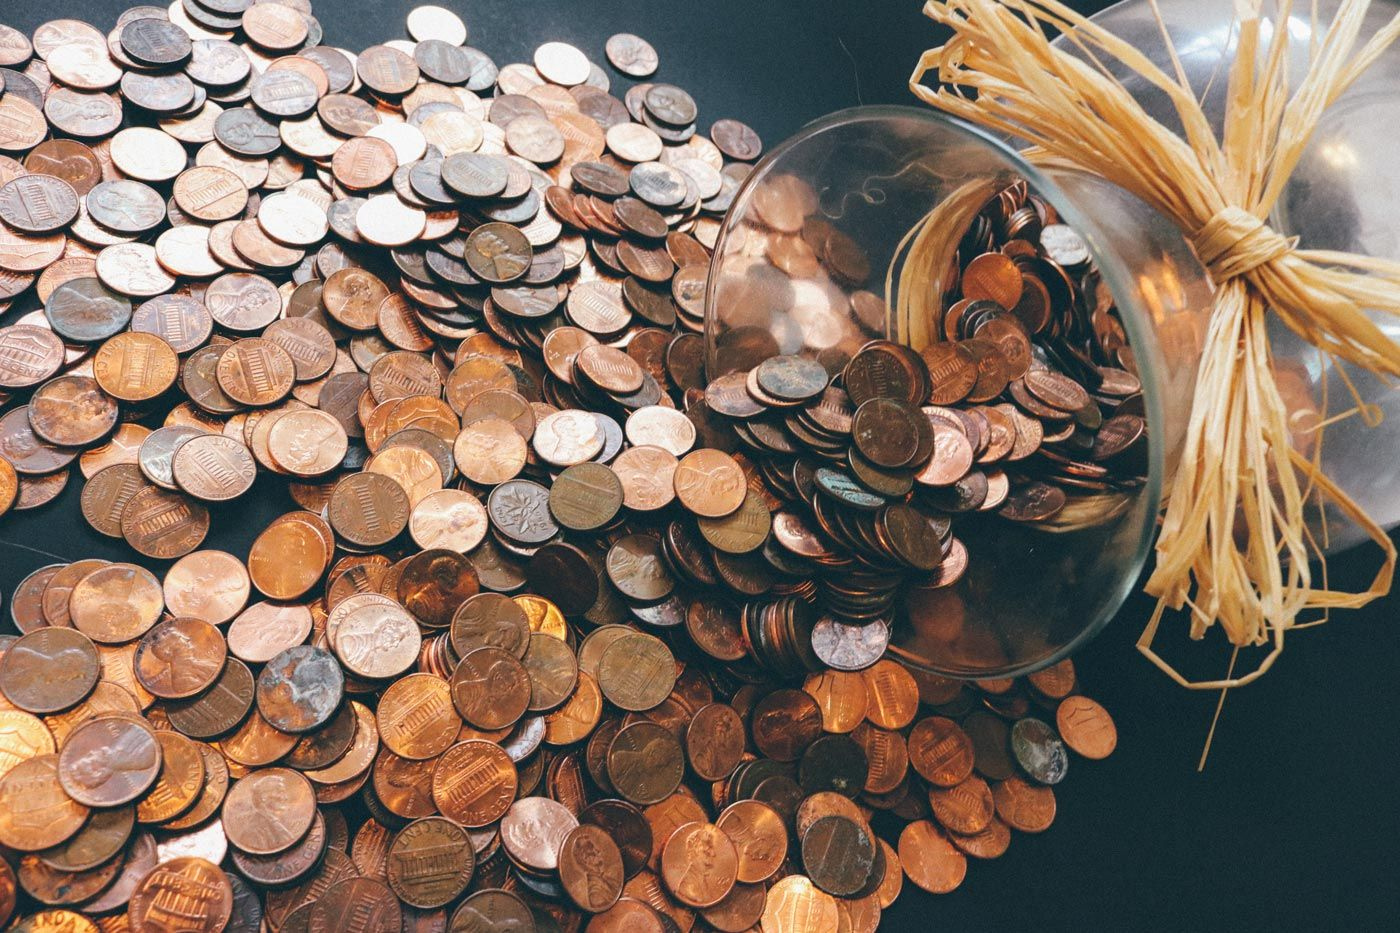 Las compras financiadas a plazos llegan a las tiendas online